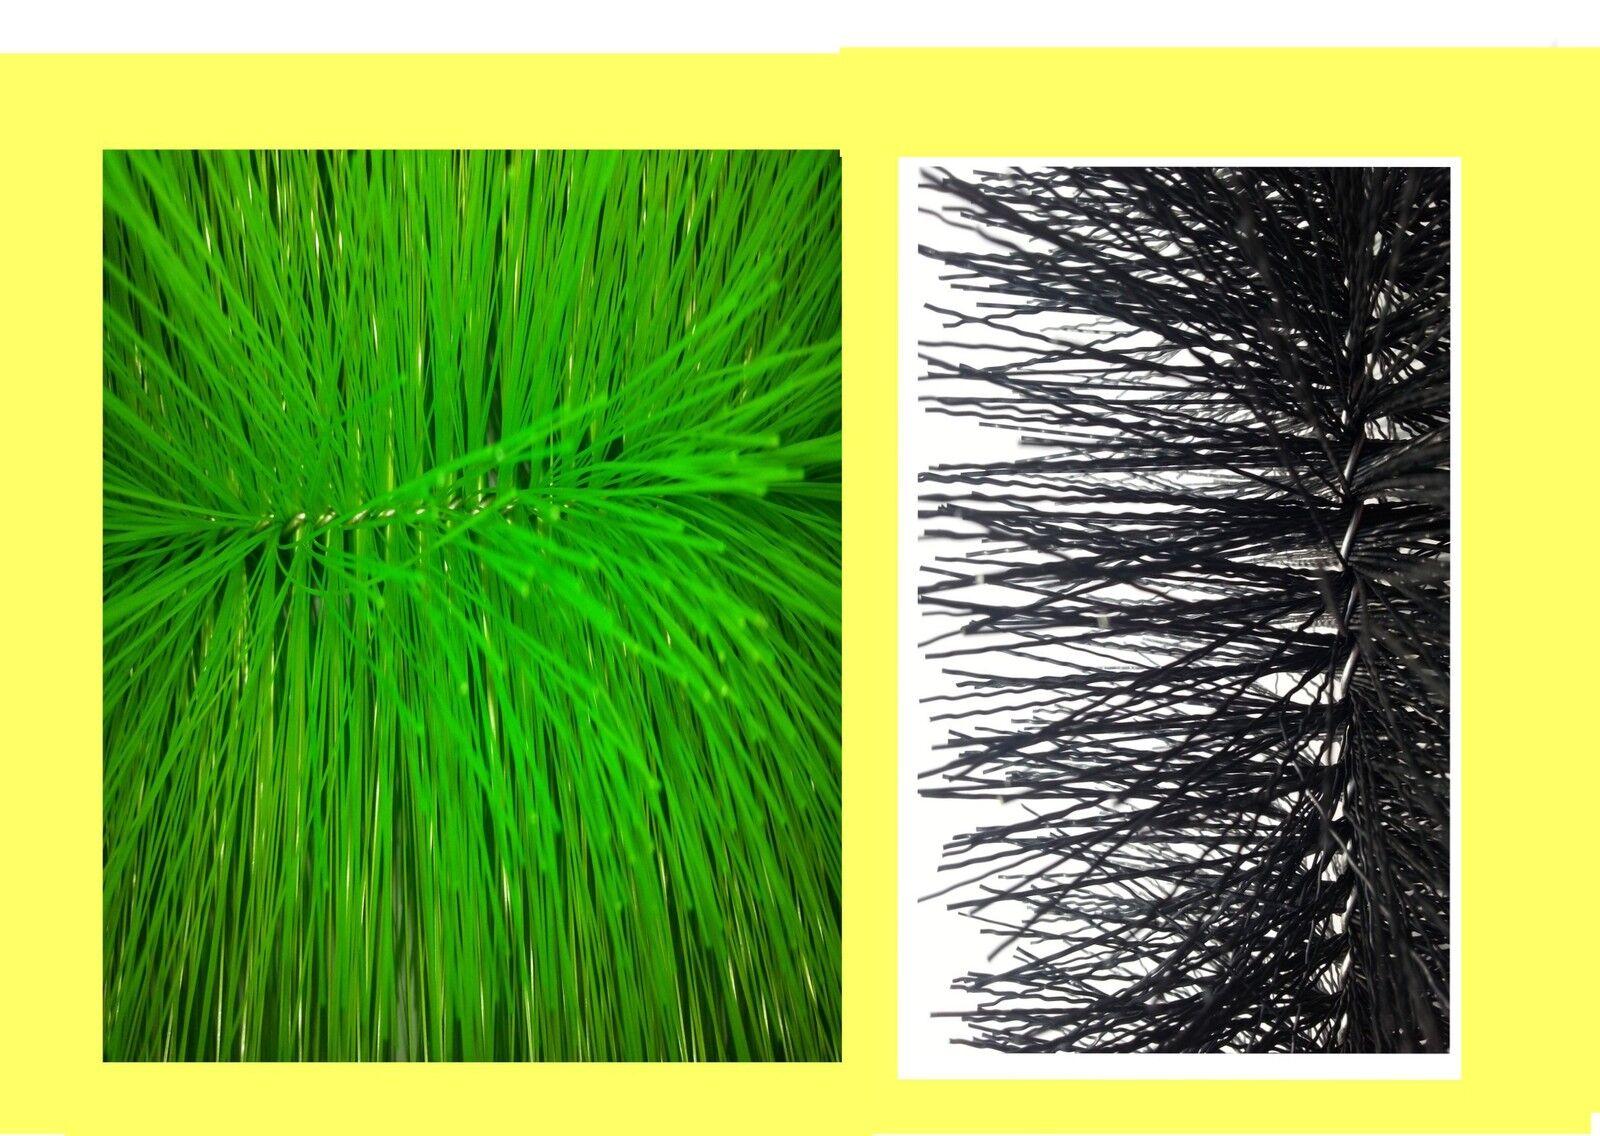 Filtro cepillos set 20 x fino y 20 x grob 60 cm de largo ø15 cm koiteich filtro de estanque